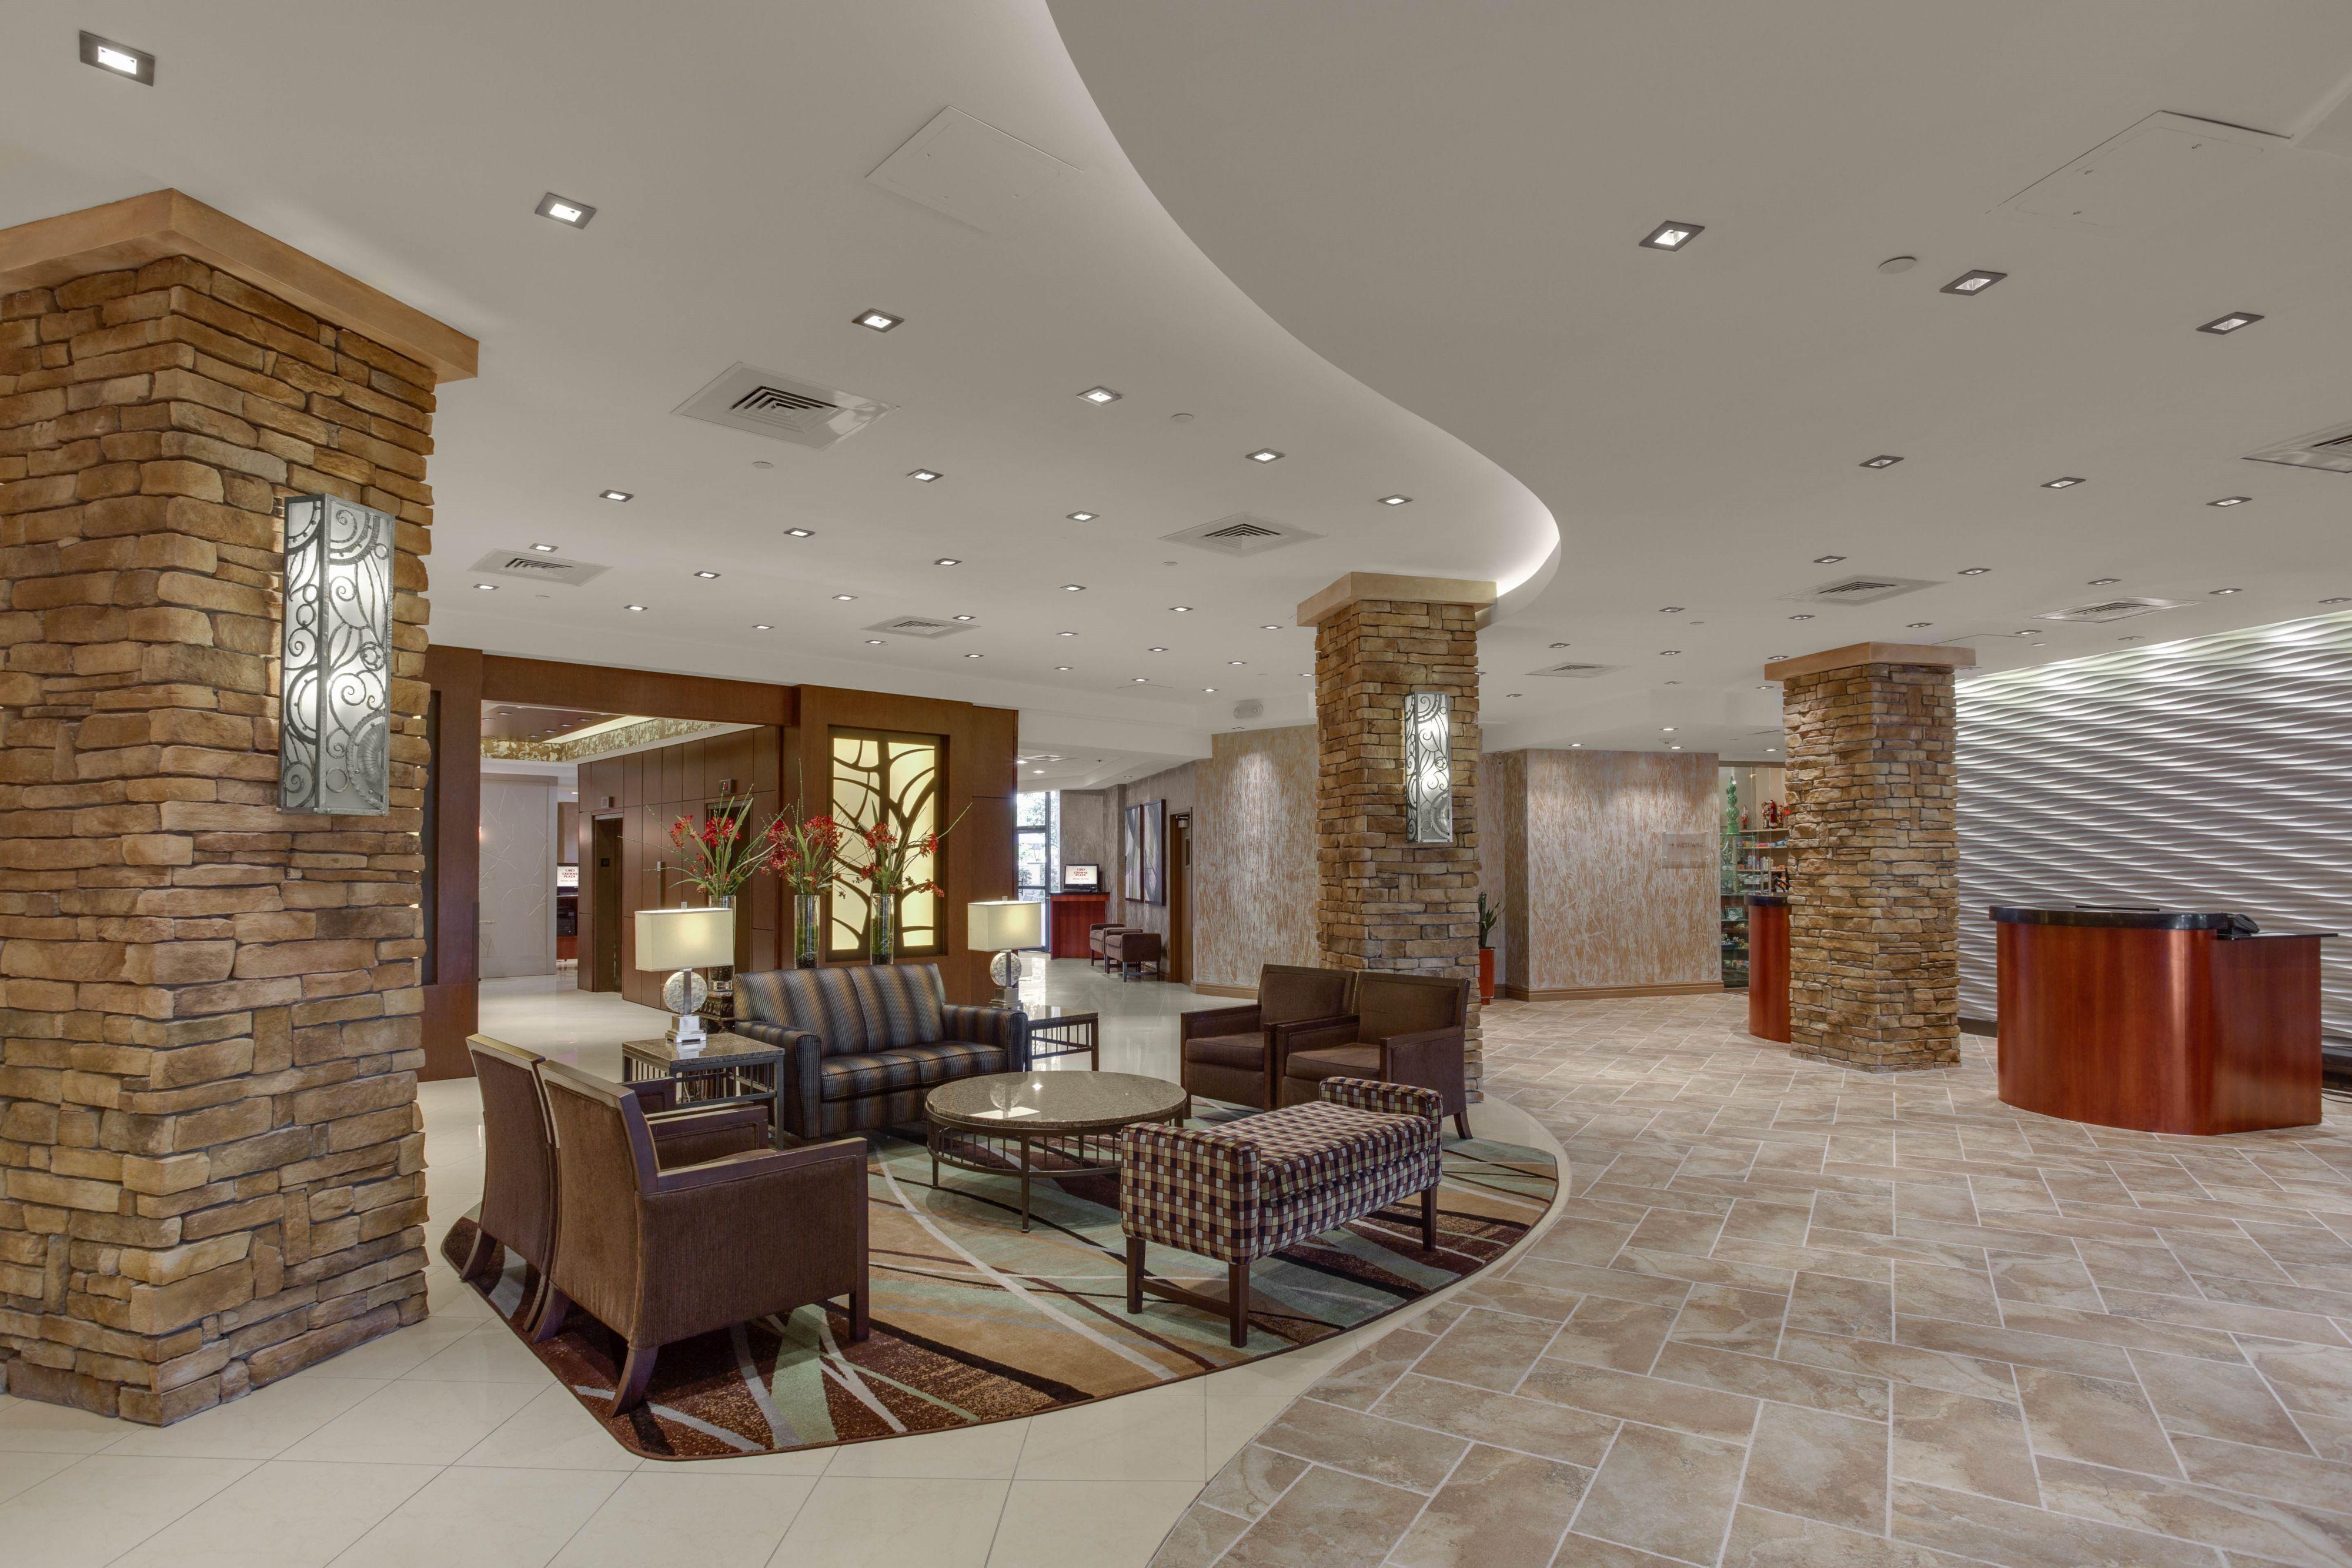 Crowne Plaza Executive Center Baton Rouge image 5